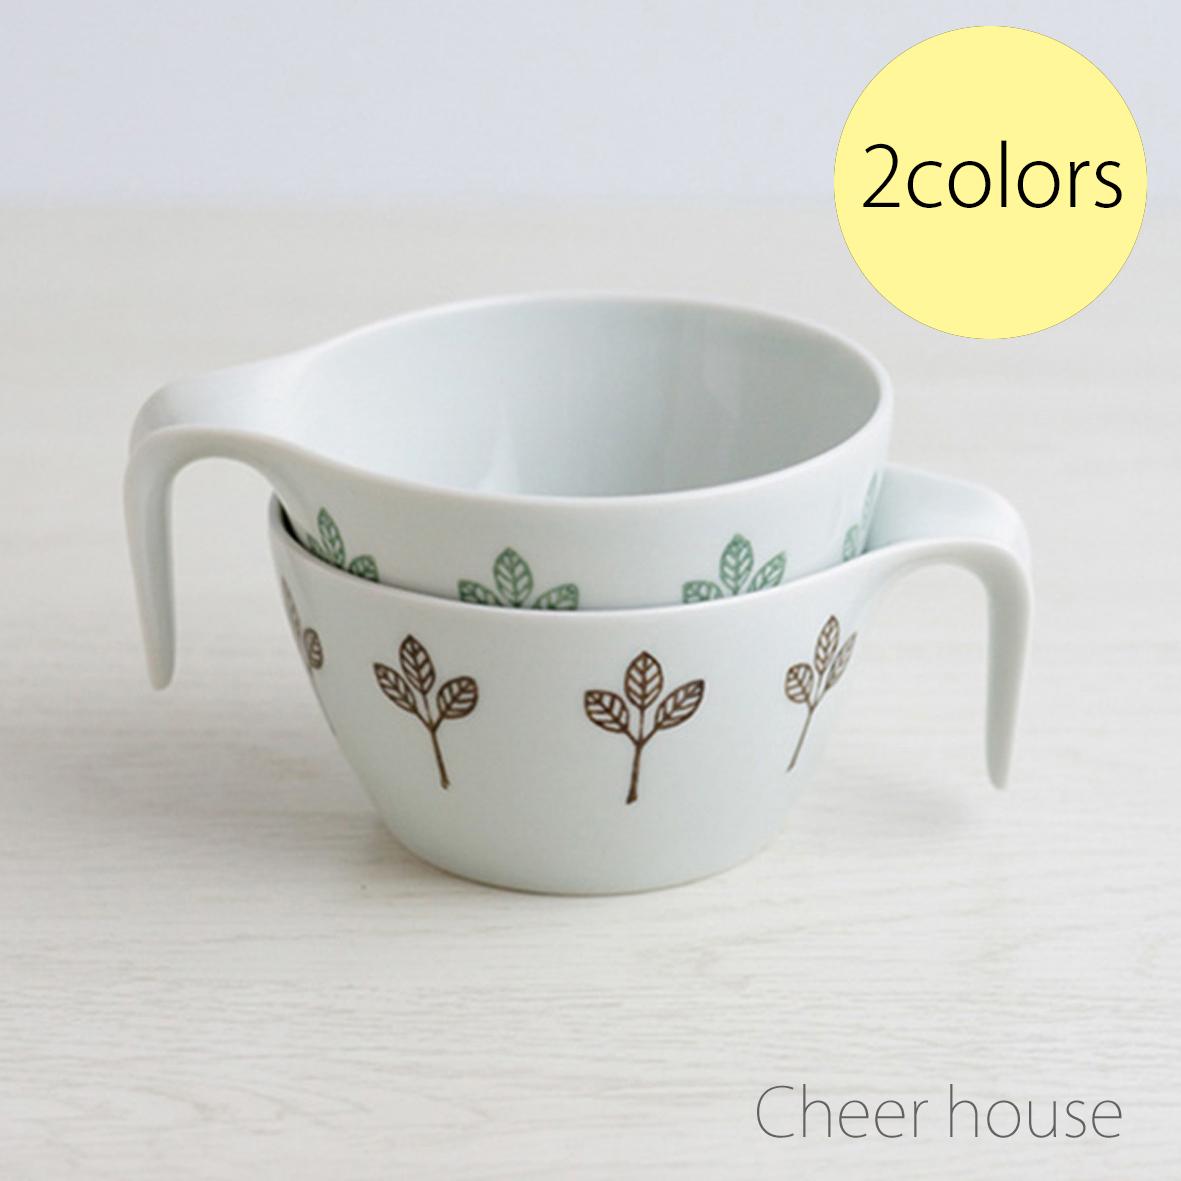 持ちやすい 使いやすい 重なる スタッキング 収納 おしゃれ 収納 食器 陶器 セット ペア 【波佐見焼】【Cheer house】 フロン スープカップ